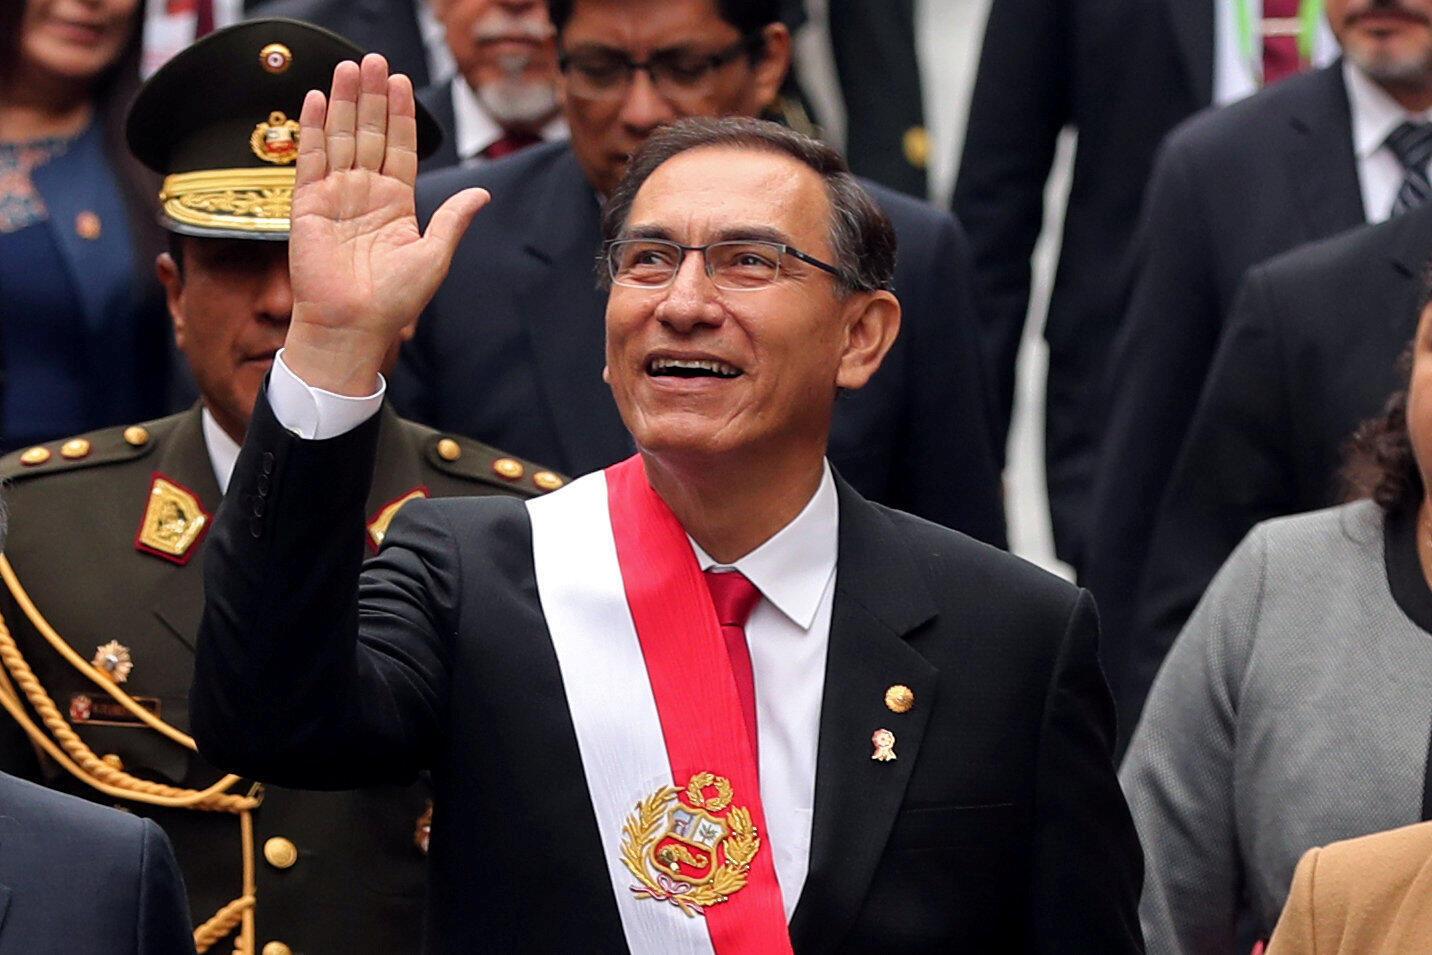 Le président péruvien Martin Vizcarra lors des célébrations de l'anniversaire de l'indépendance du Pérou, à Lima le 28 juillet 2018. 想要反贪的秘鲁总统马丁·比斯卡拉 2018年7月28日